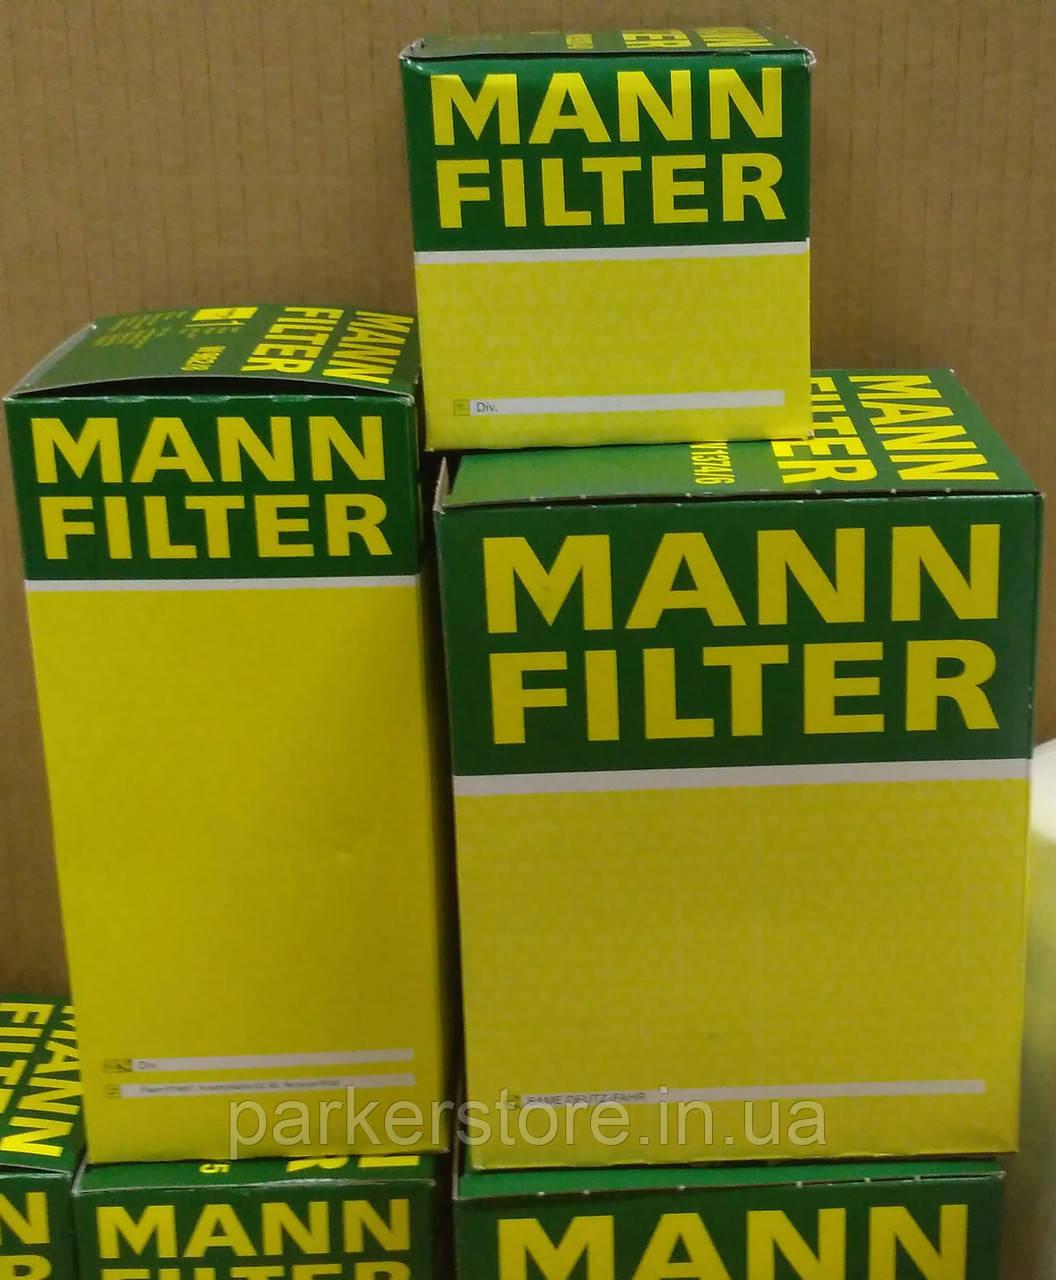 MANN FILTER / Воздушный фильтр / C 33 1840/1 / C331840/1